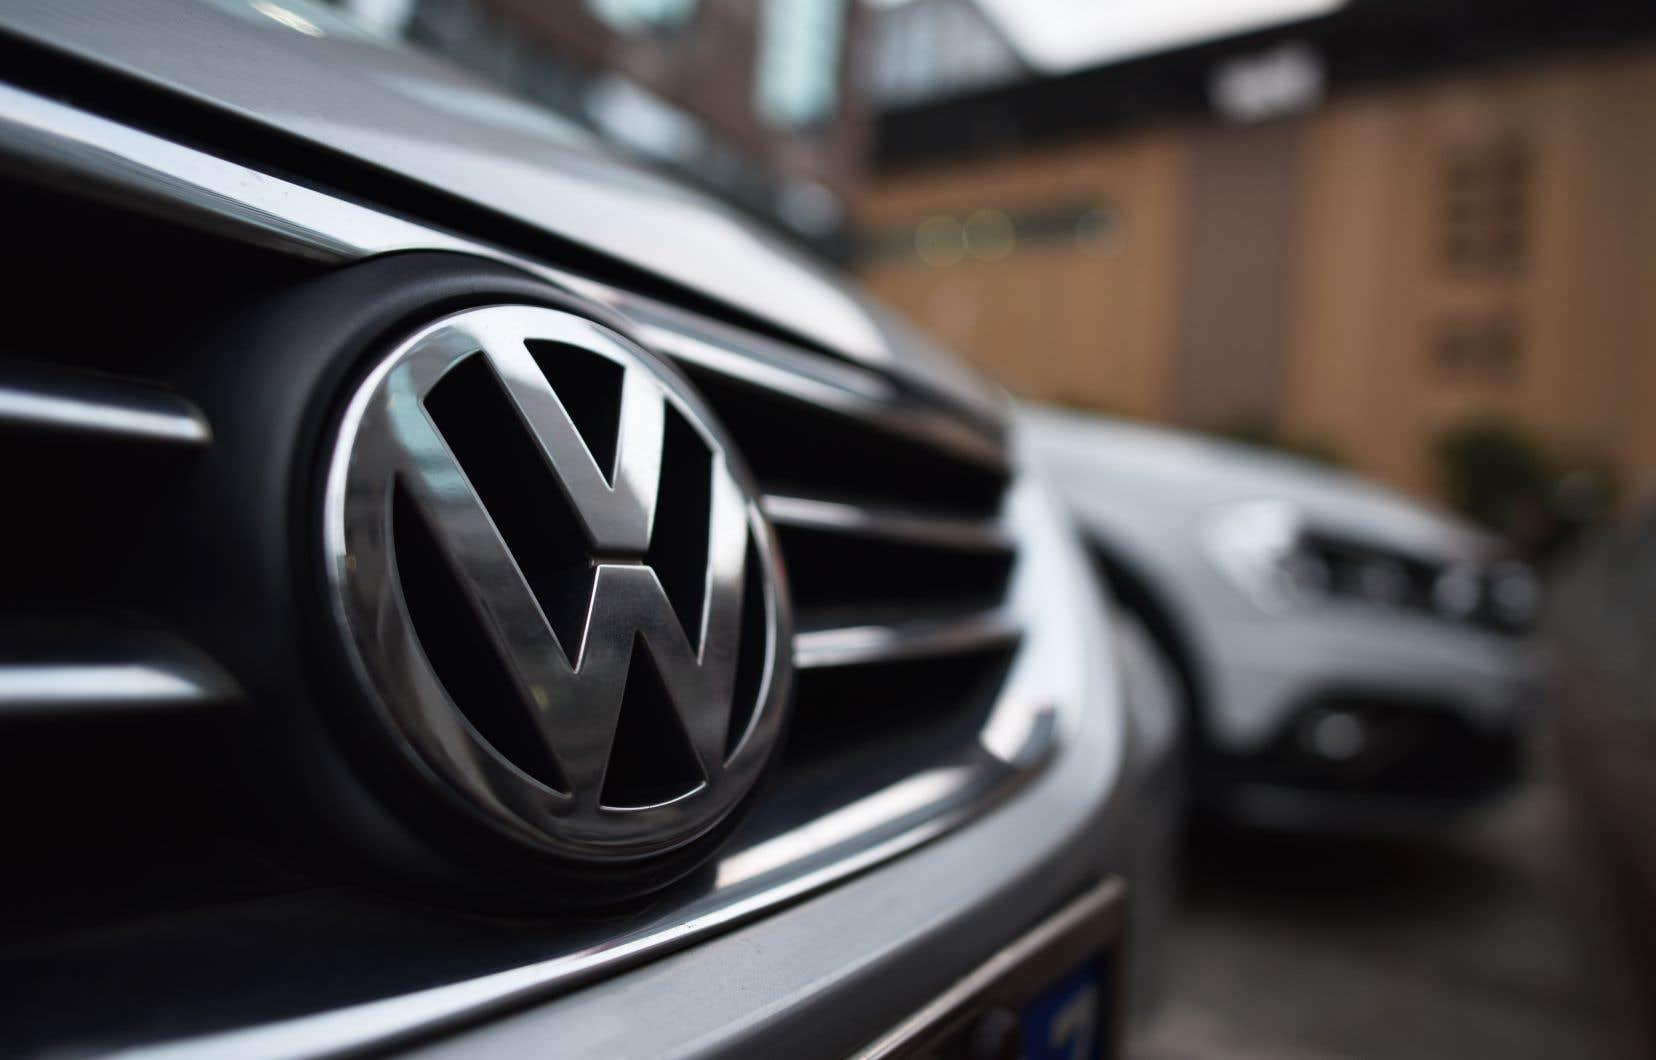 Au Canada, les véhicules visés comprenaient des modèles à moteur diesel de 3,0 et 2,0 litres vendus sous les marques Volkswagen, Audi et Porsche.